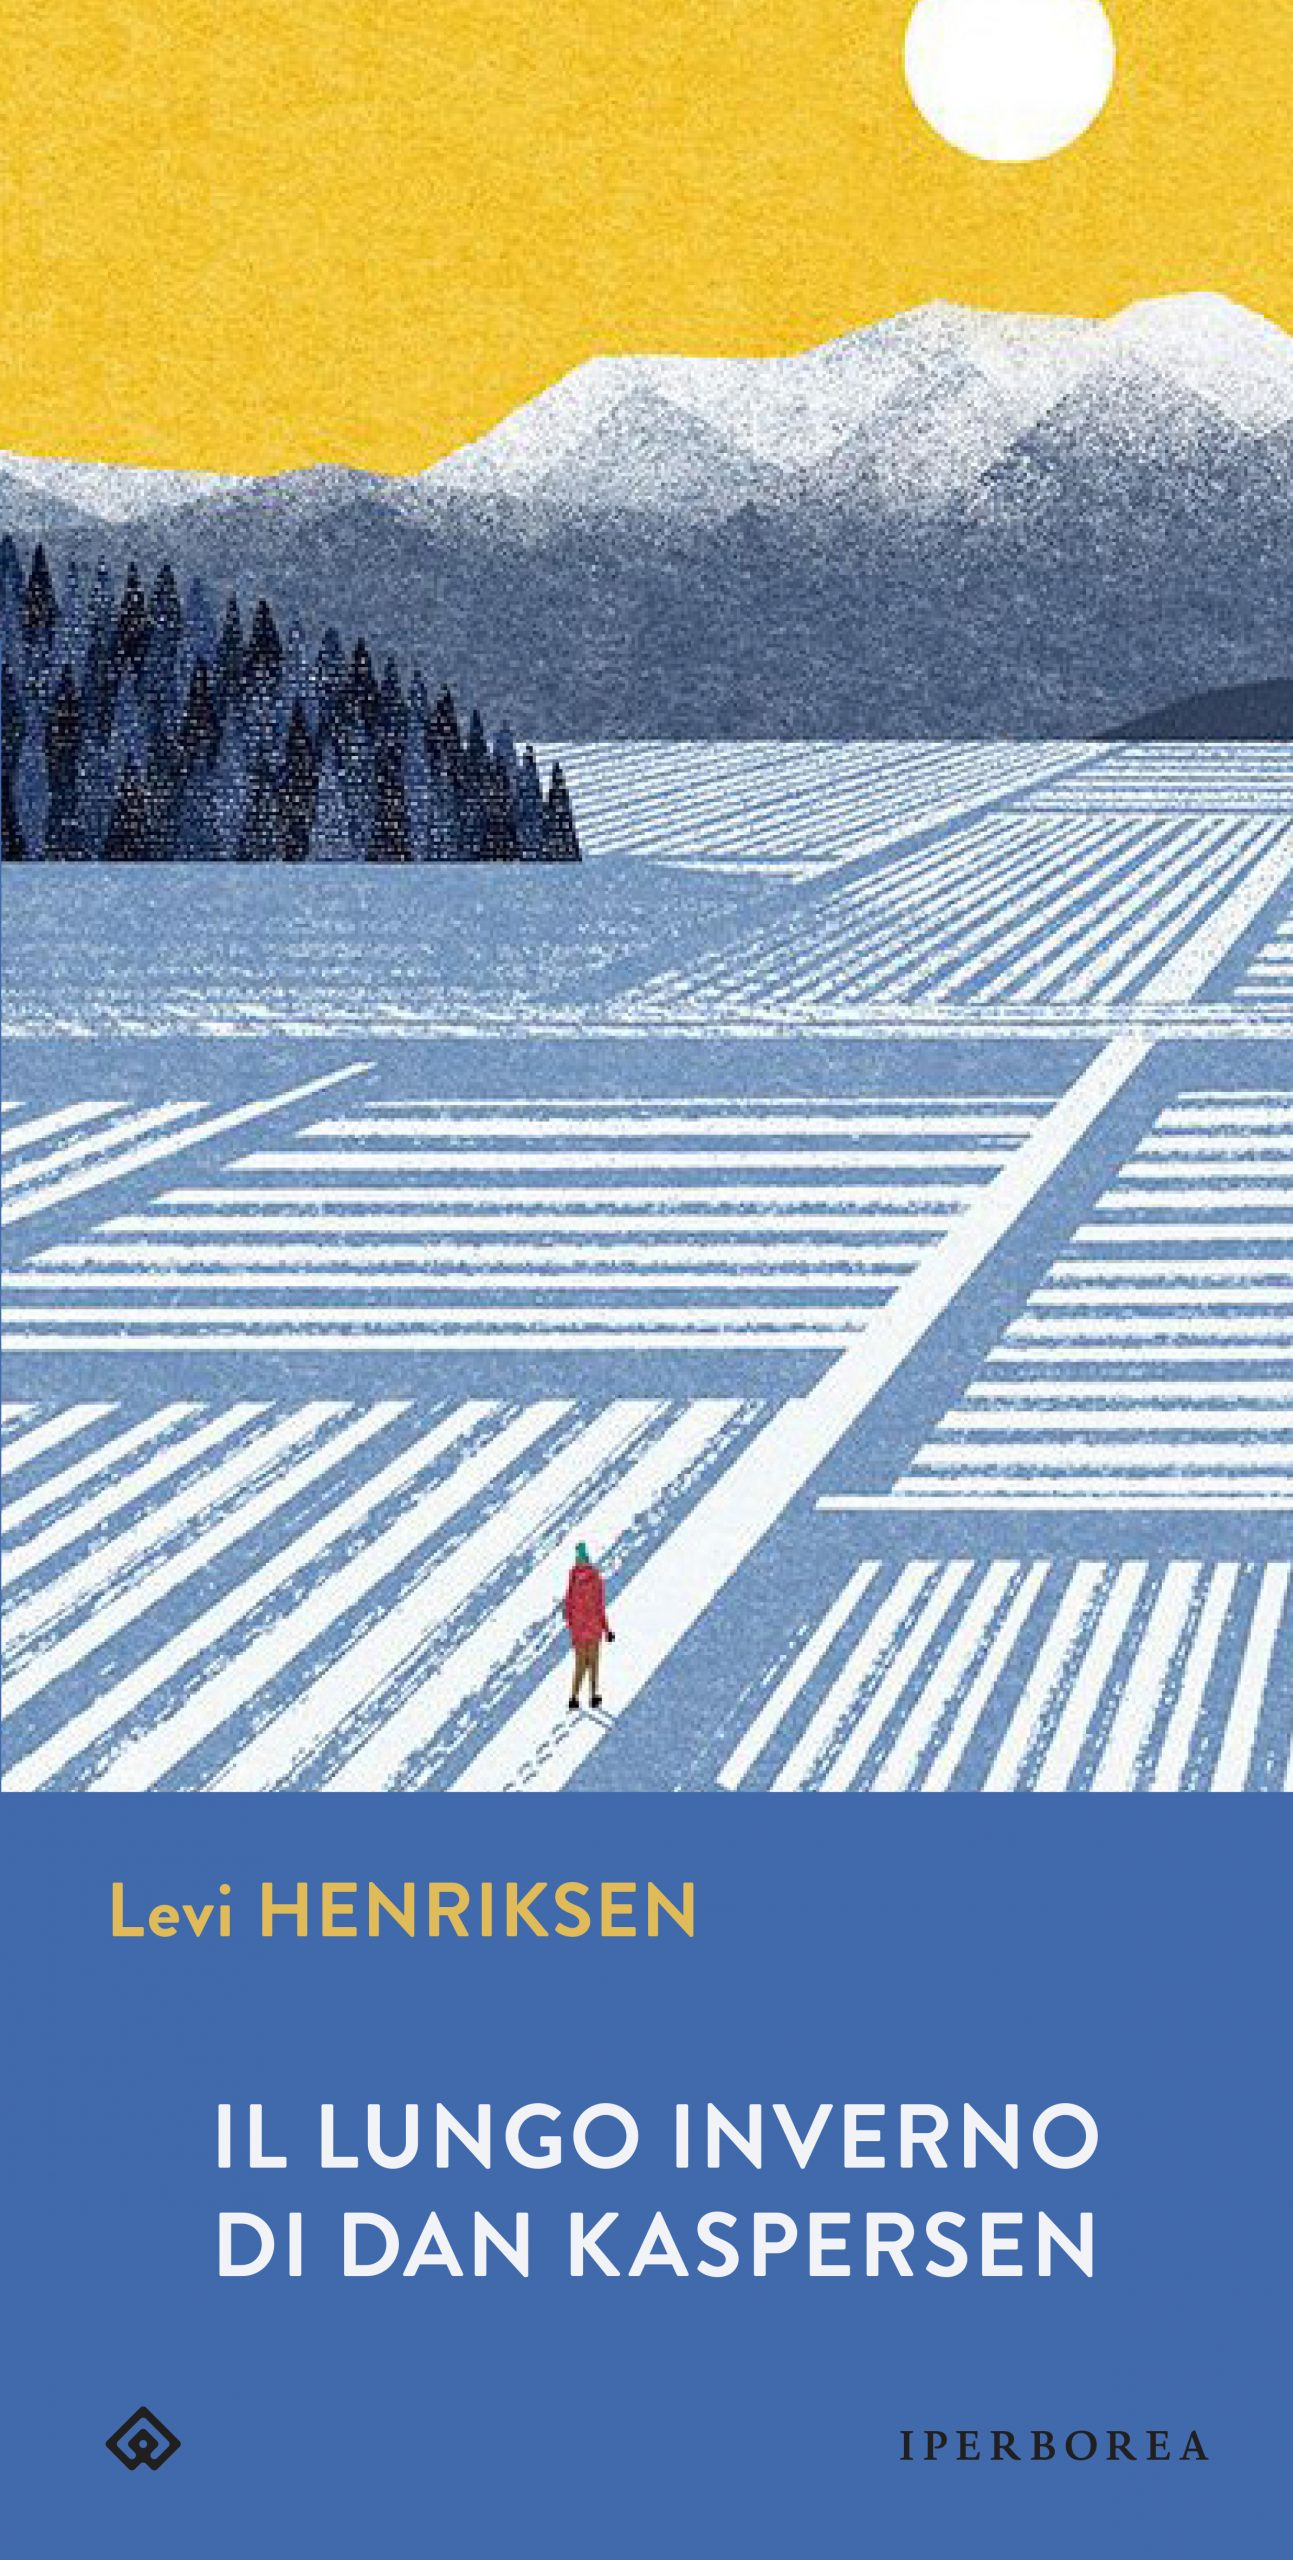 il-lungo-inverno-di-dan-kaspersen-scaled